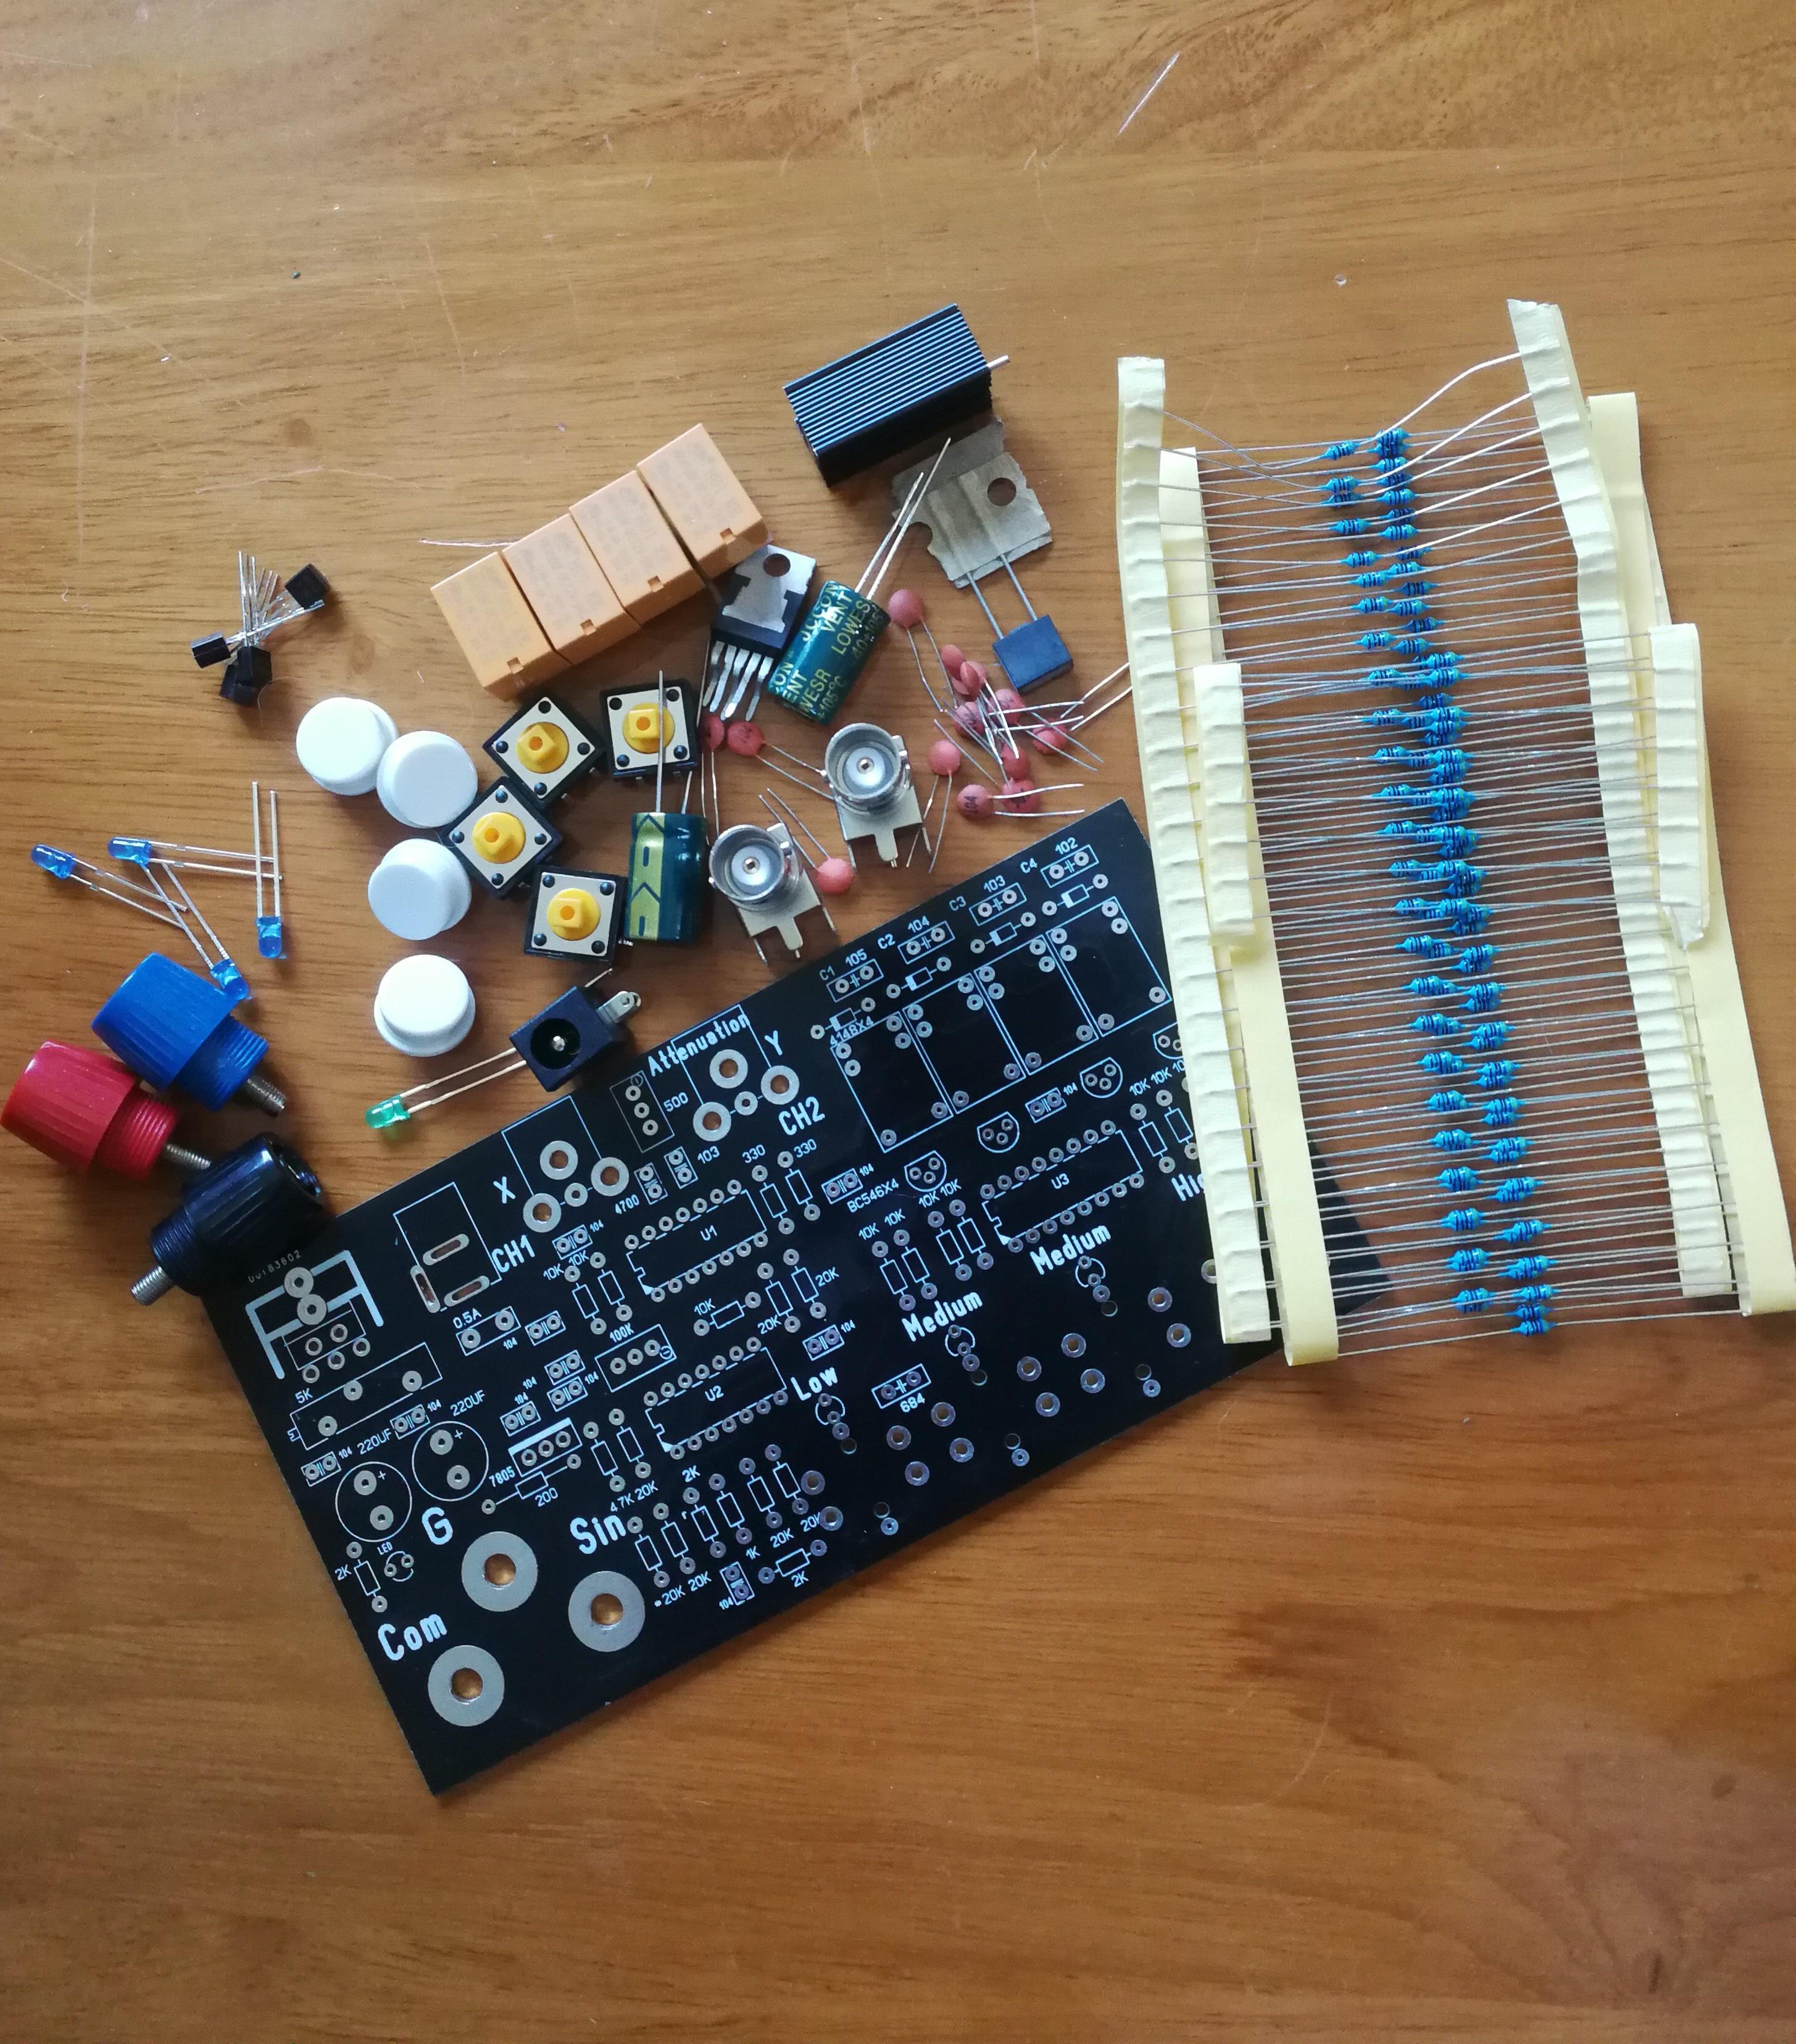 قناة واحدة لوحة دوائر كهربائية إصلاح على الخط اختبار عدة VI منحنى اختبار